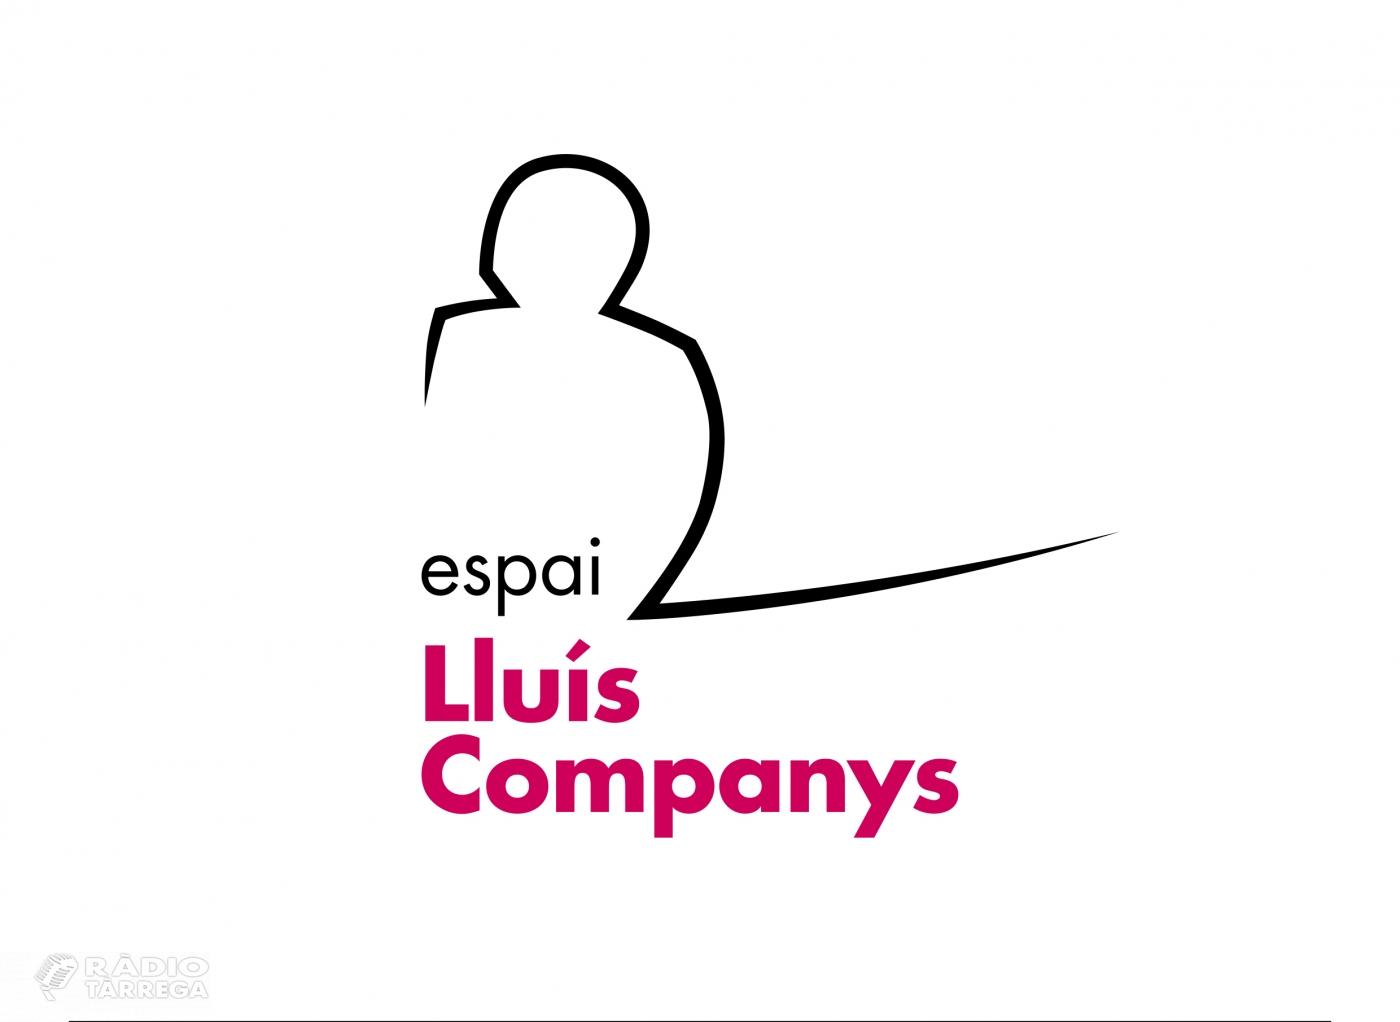 L'Espai Lluís Companys de Tornabous estrena nova imatge